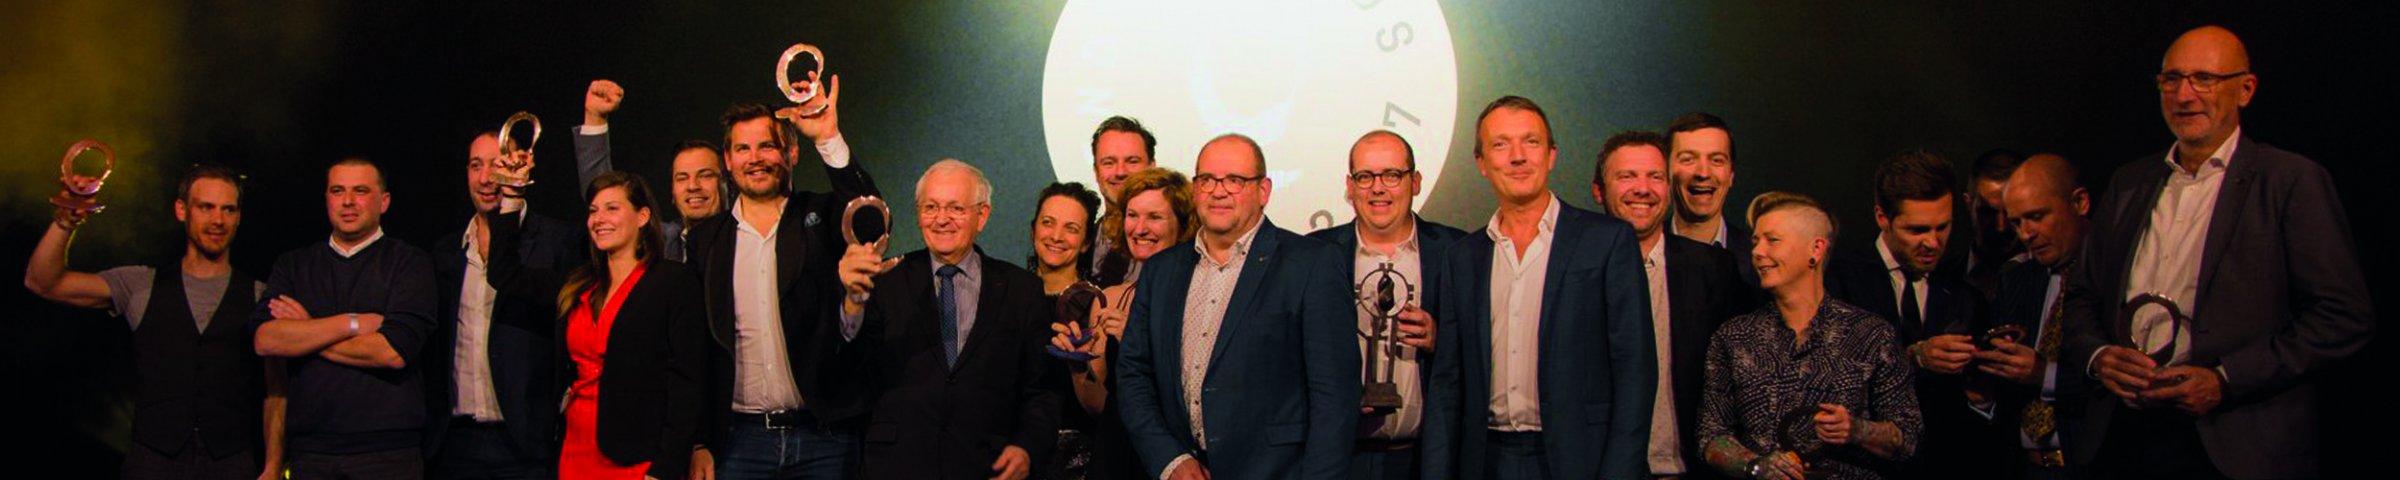 Oostende Awards